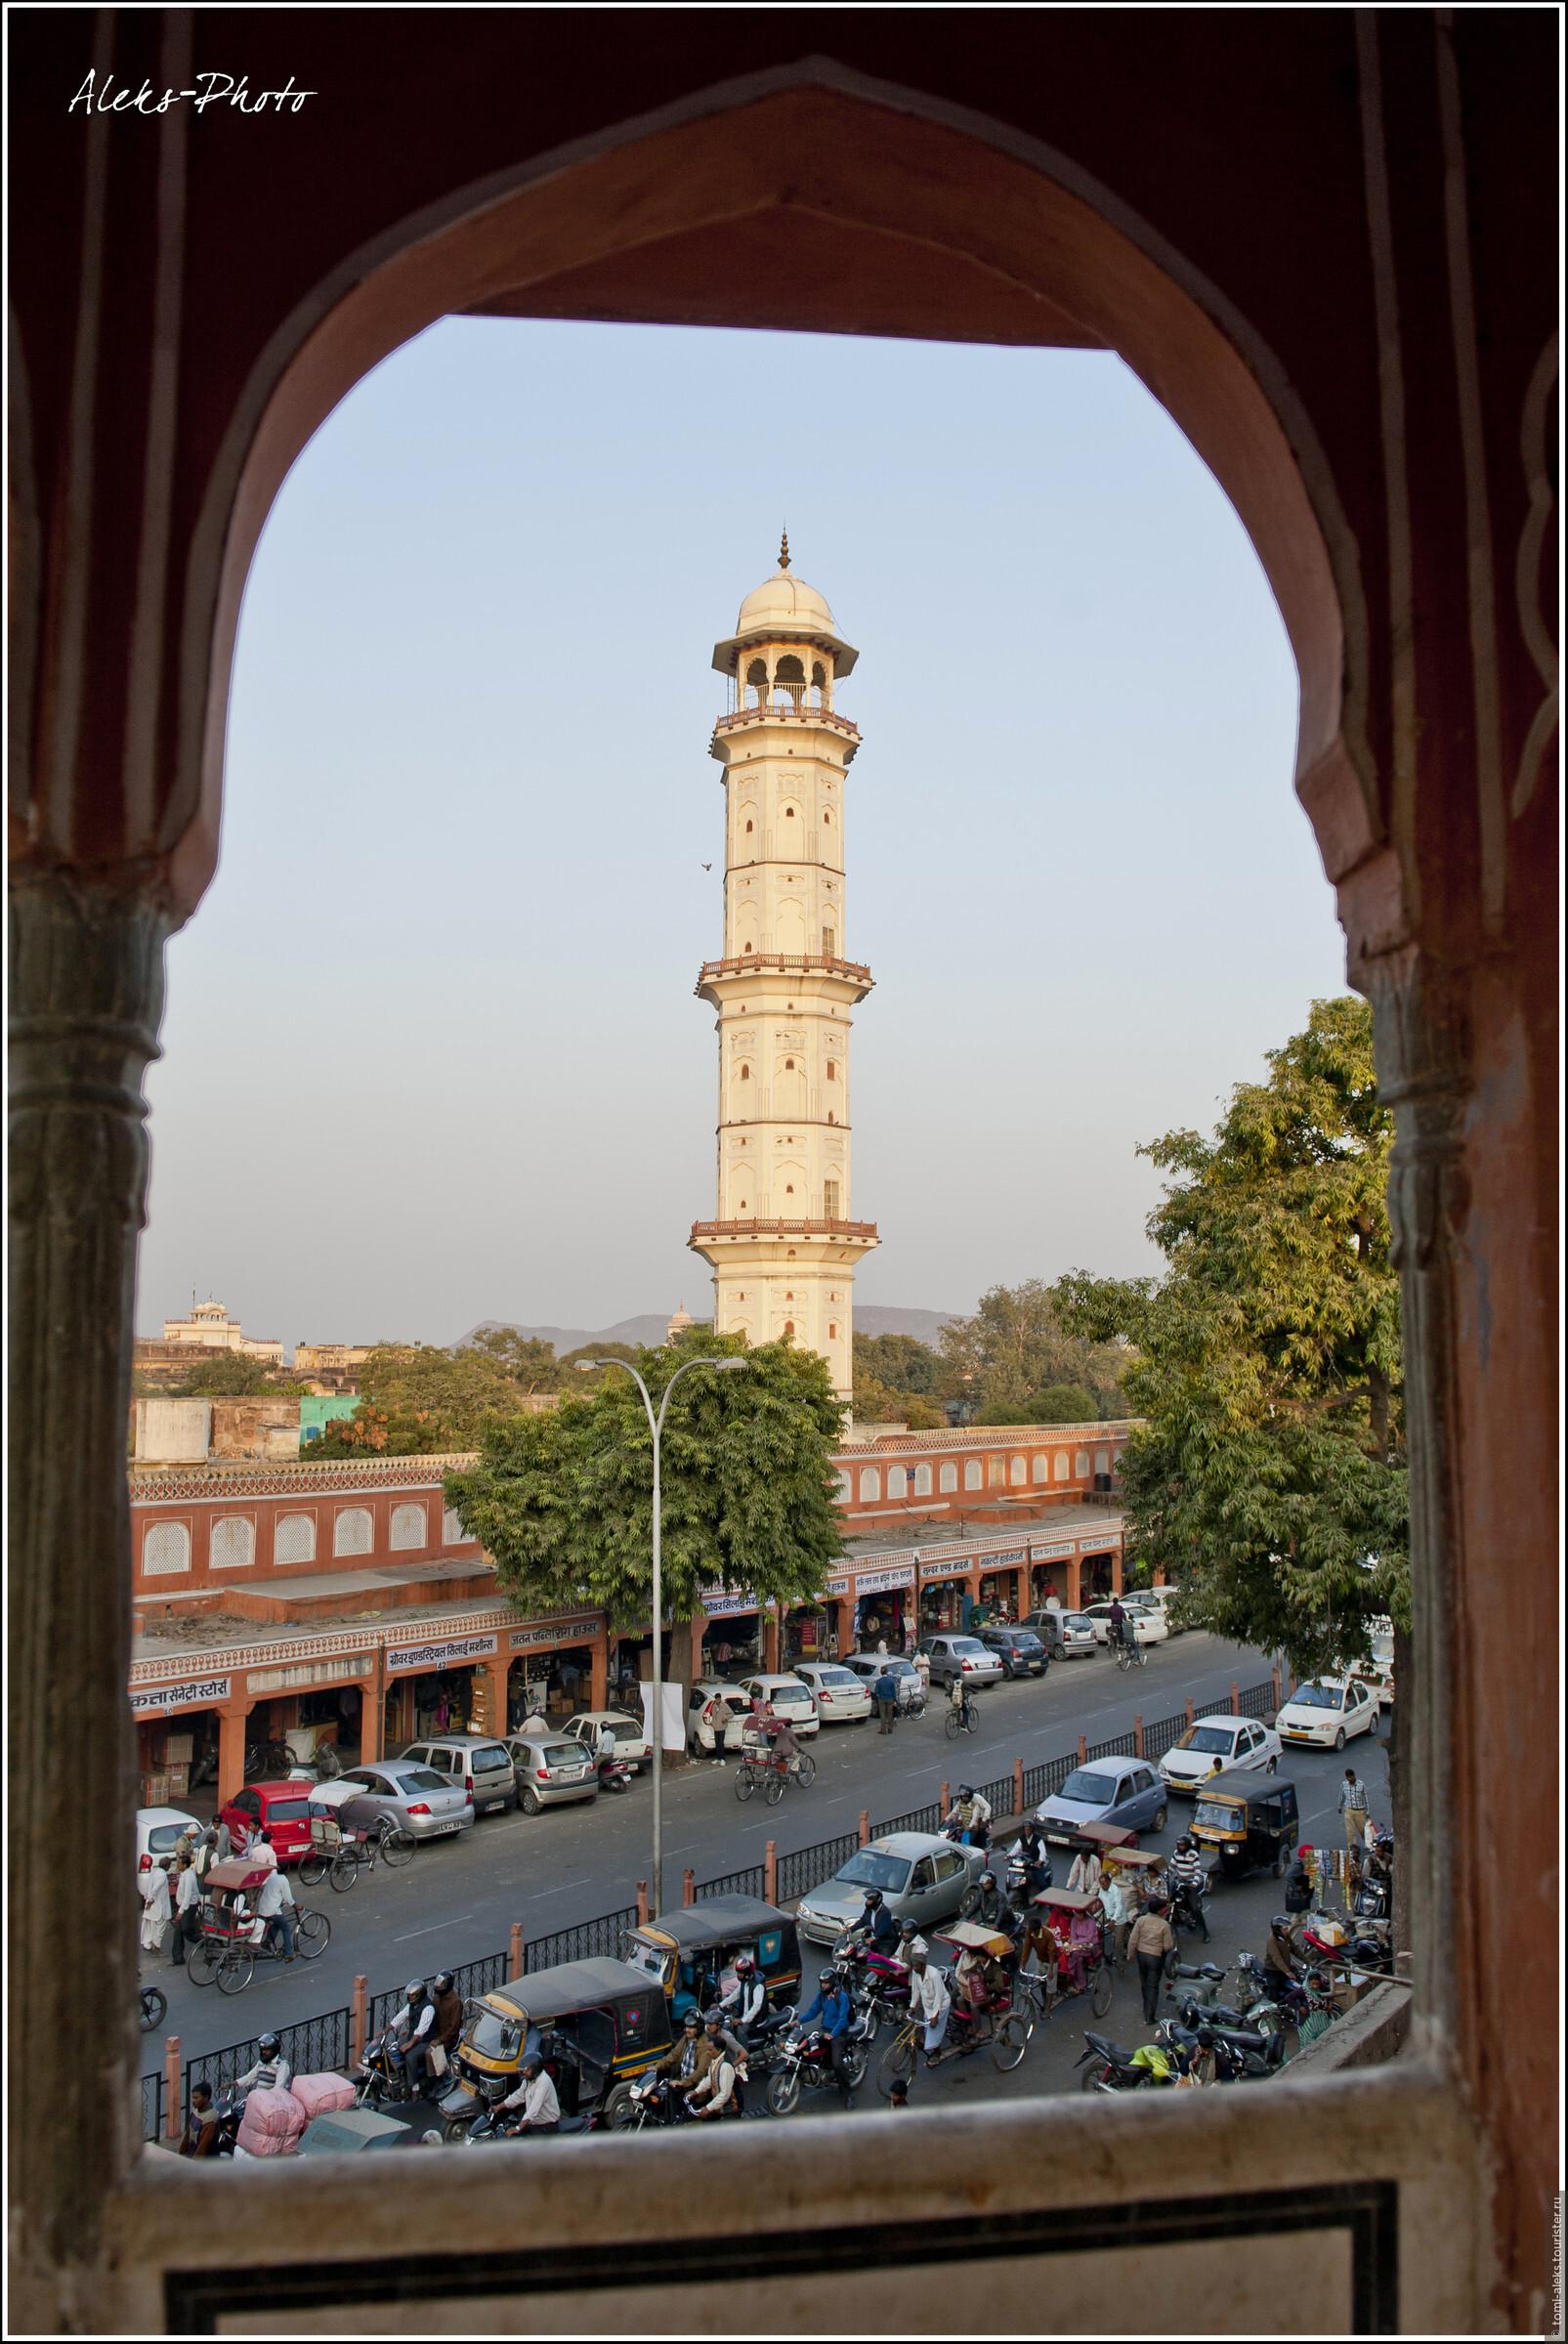 Это вид на башню, со смотровой площадки которой я снимал город. Снято накануне вечером из кришнаитского храма, расположенного напротив..., Джайпур без небоскребов (Индия)